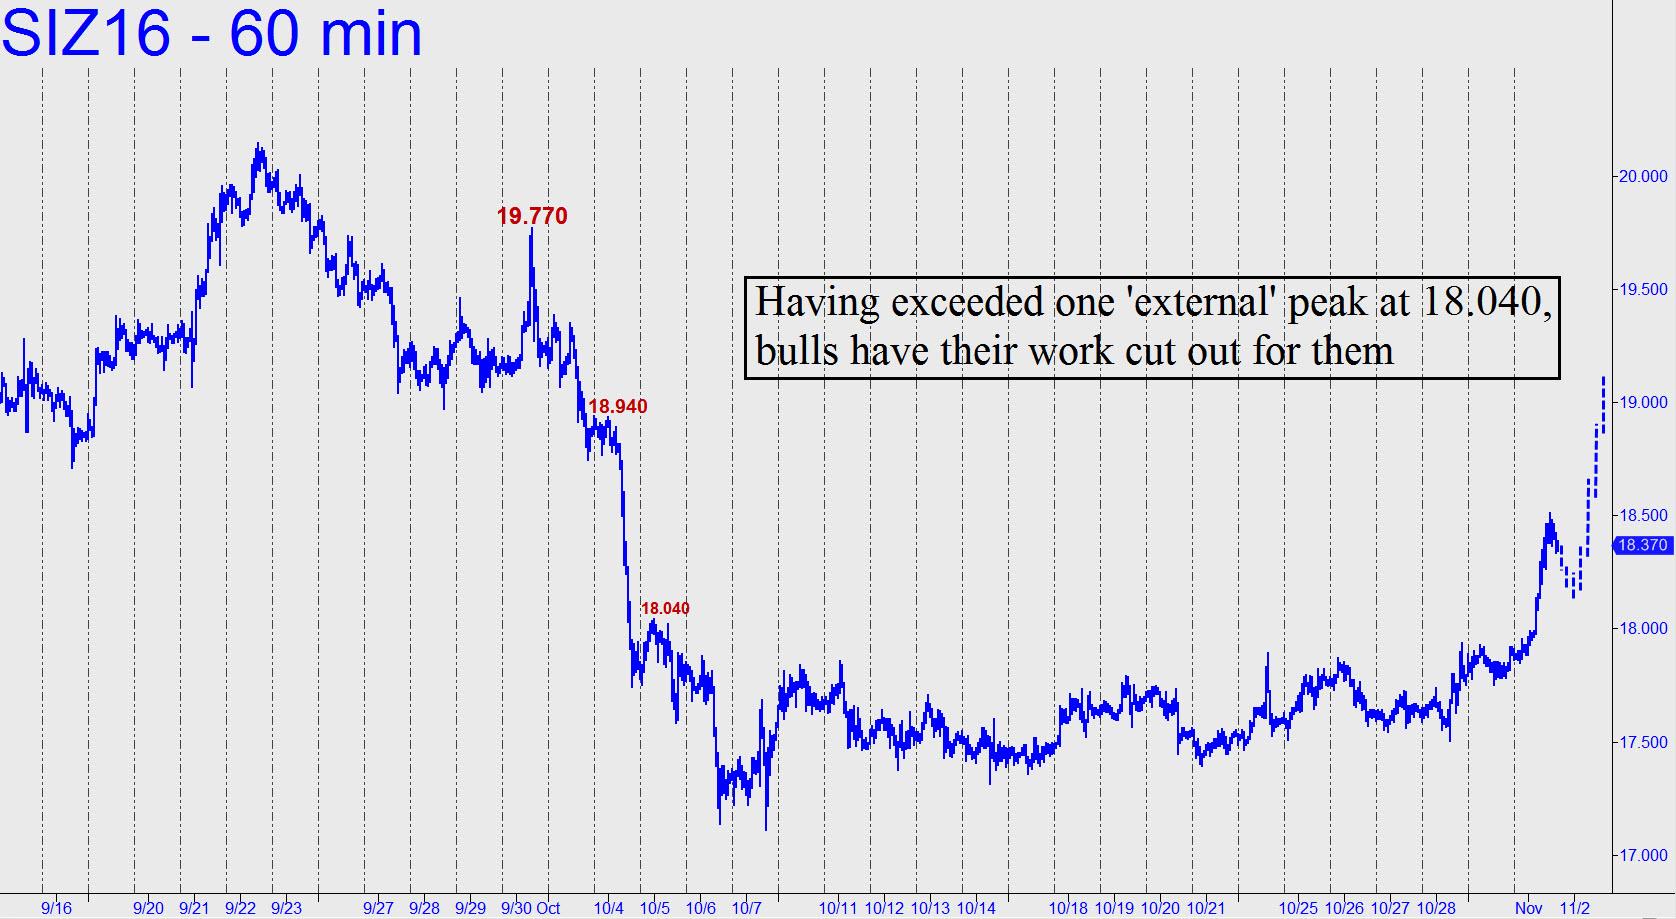 prix de l'or, de l'argent et des minières / suivi 2015 et ultérieurement - Page 6 Silver-Bulls-Have-Their-Work1